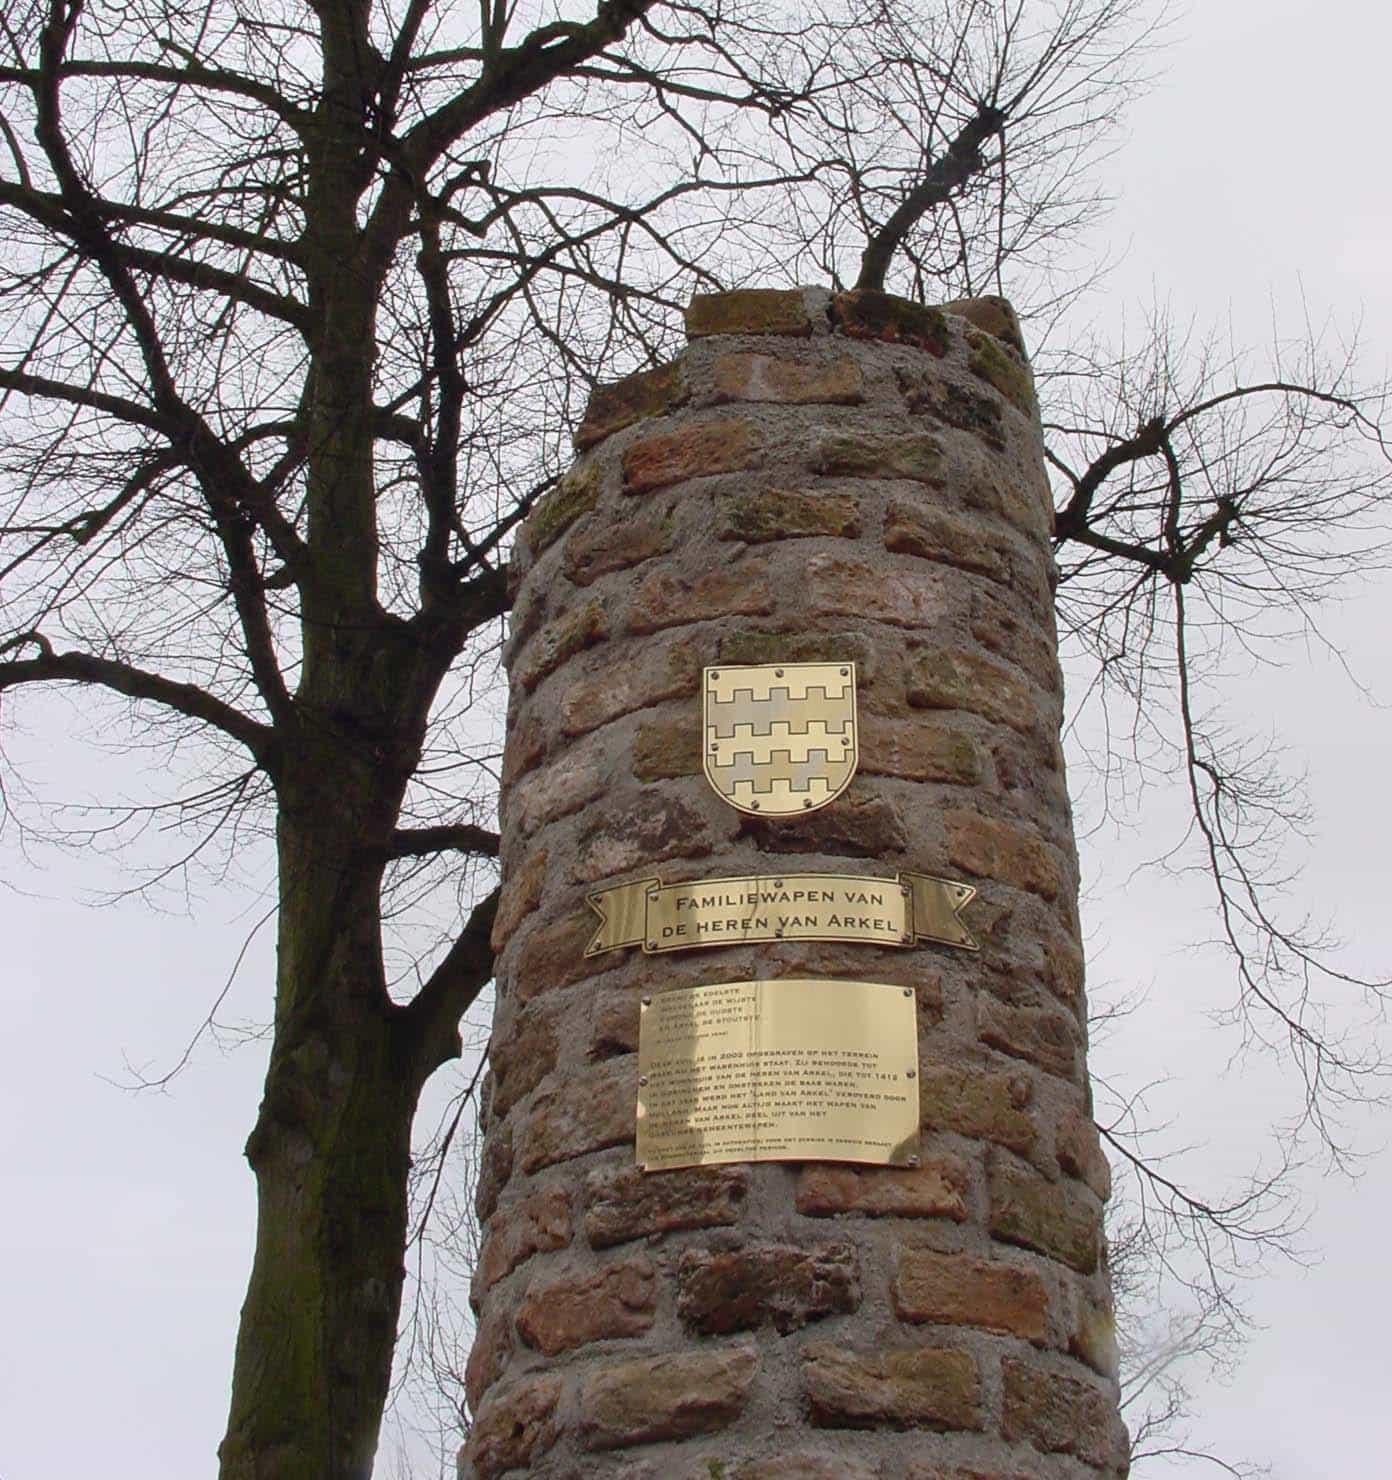 Zuil ter herinnering aan de de heren van Arkel in de Struisvogelstraat te Gorinchem